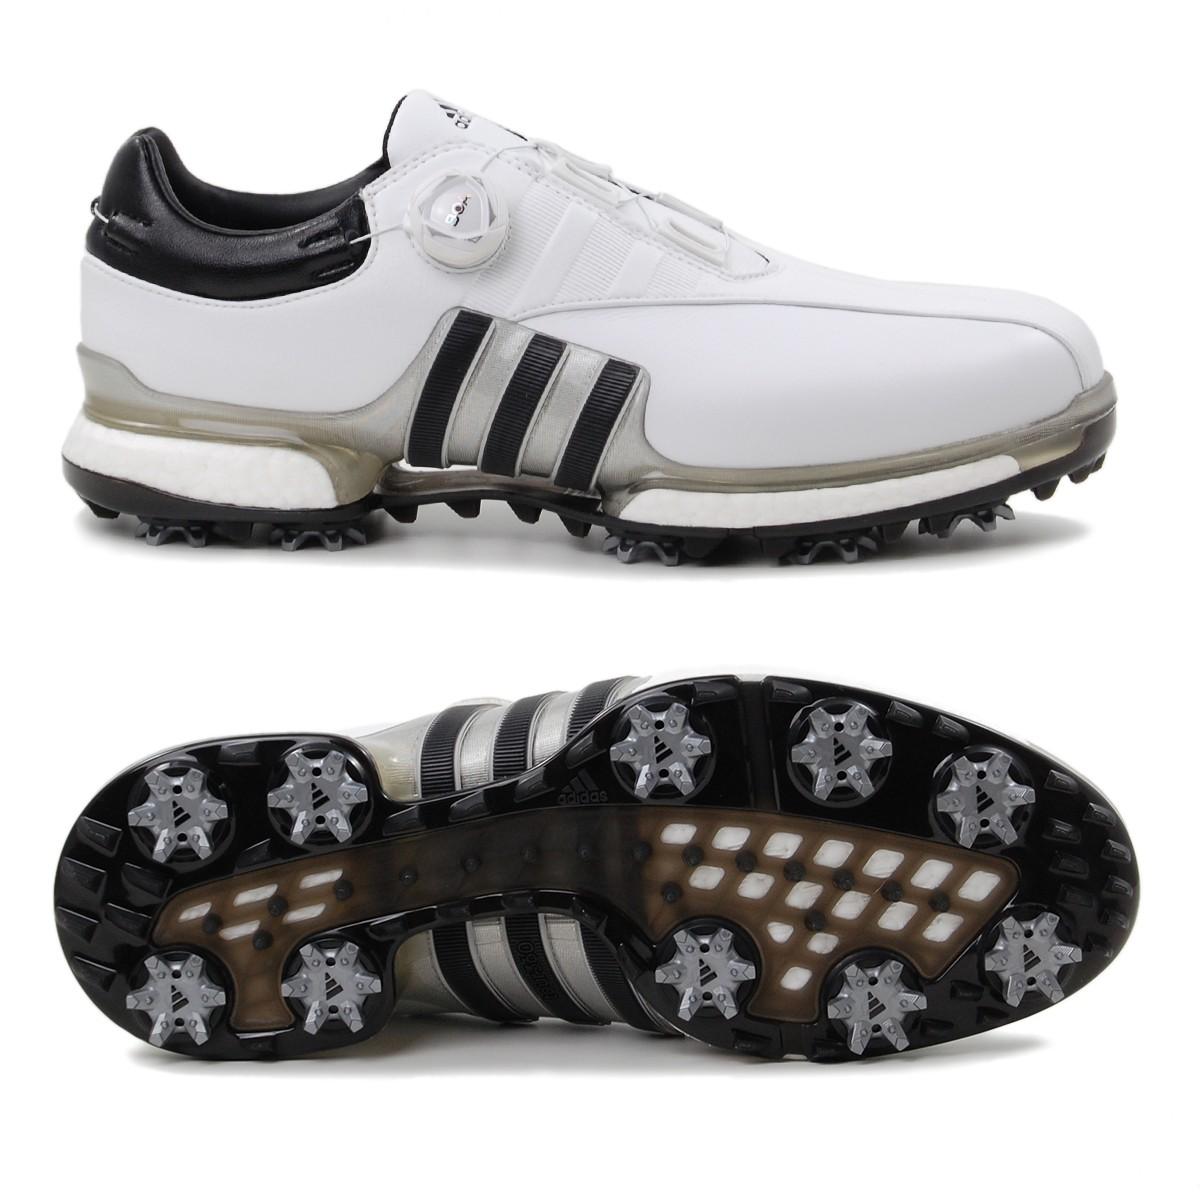 Boost 0 2 Rabatt Tour Adidas 360 Herren Boa MUSzpV